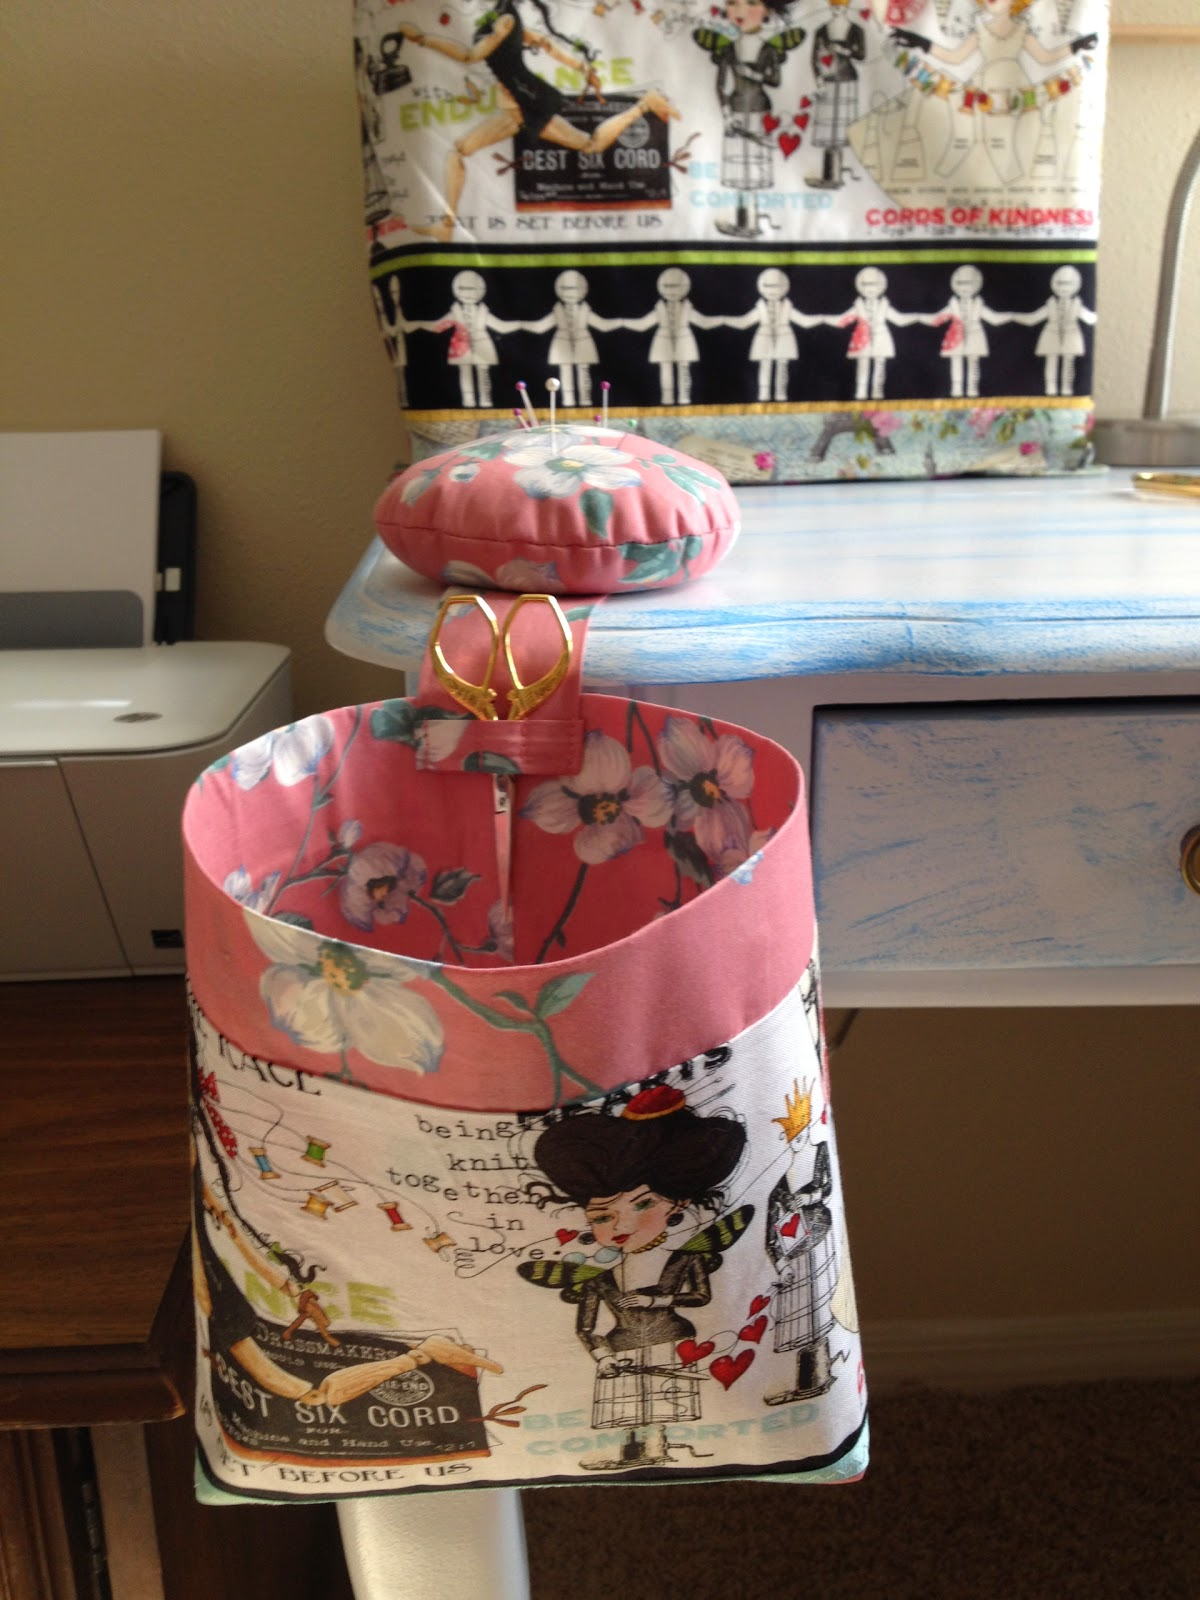 """Я продолжаю оформлять свою рукодельную комнату. Сшила чехол для швейной машины и игольницу, в комплекте с ведерком для мусора.   Для швейной машинки у меня есть сумка. Но так не удобно, из неё постоянно вытаскивать, и опять ставить  машину. К тому же, коты постоянно """"дерутся"""" из-за неё, решая вопрос силой: кому спать в сумке."""